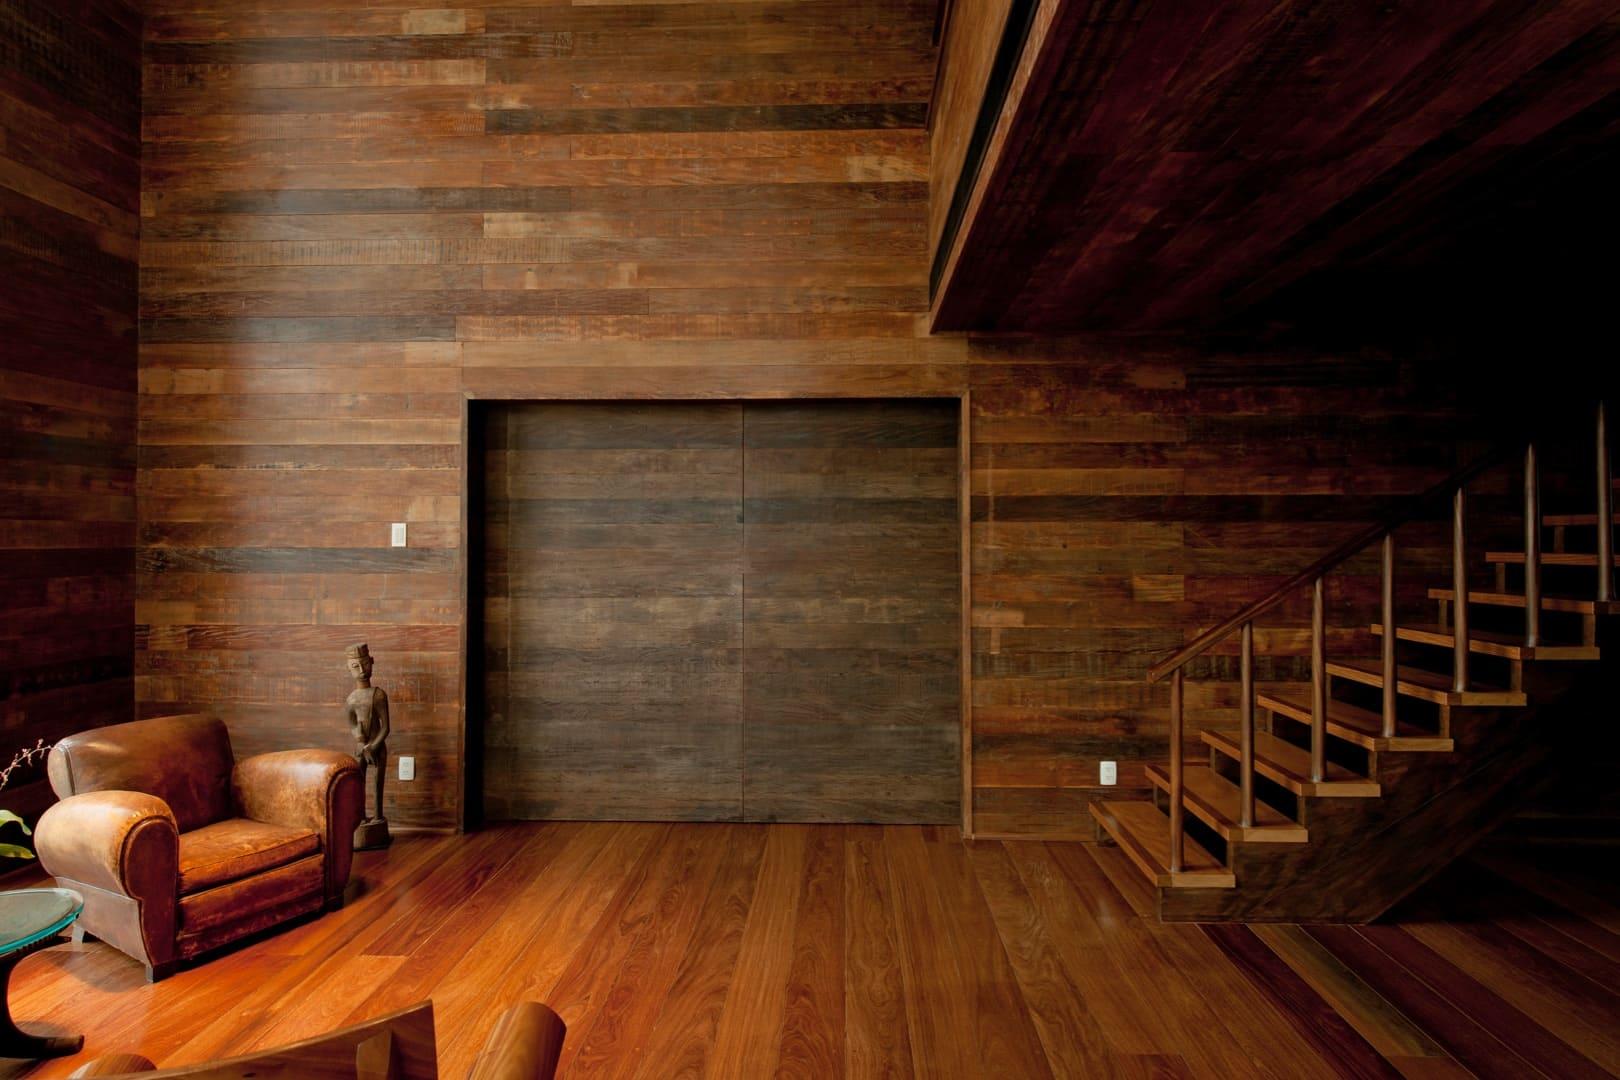 Оригинальные поделки из спилов дерева своими руками: советы и рекомендации по оформлению украшений